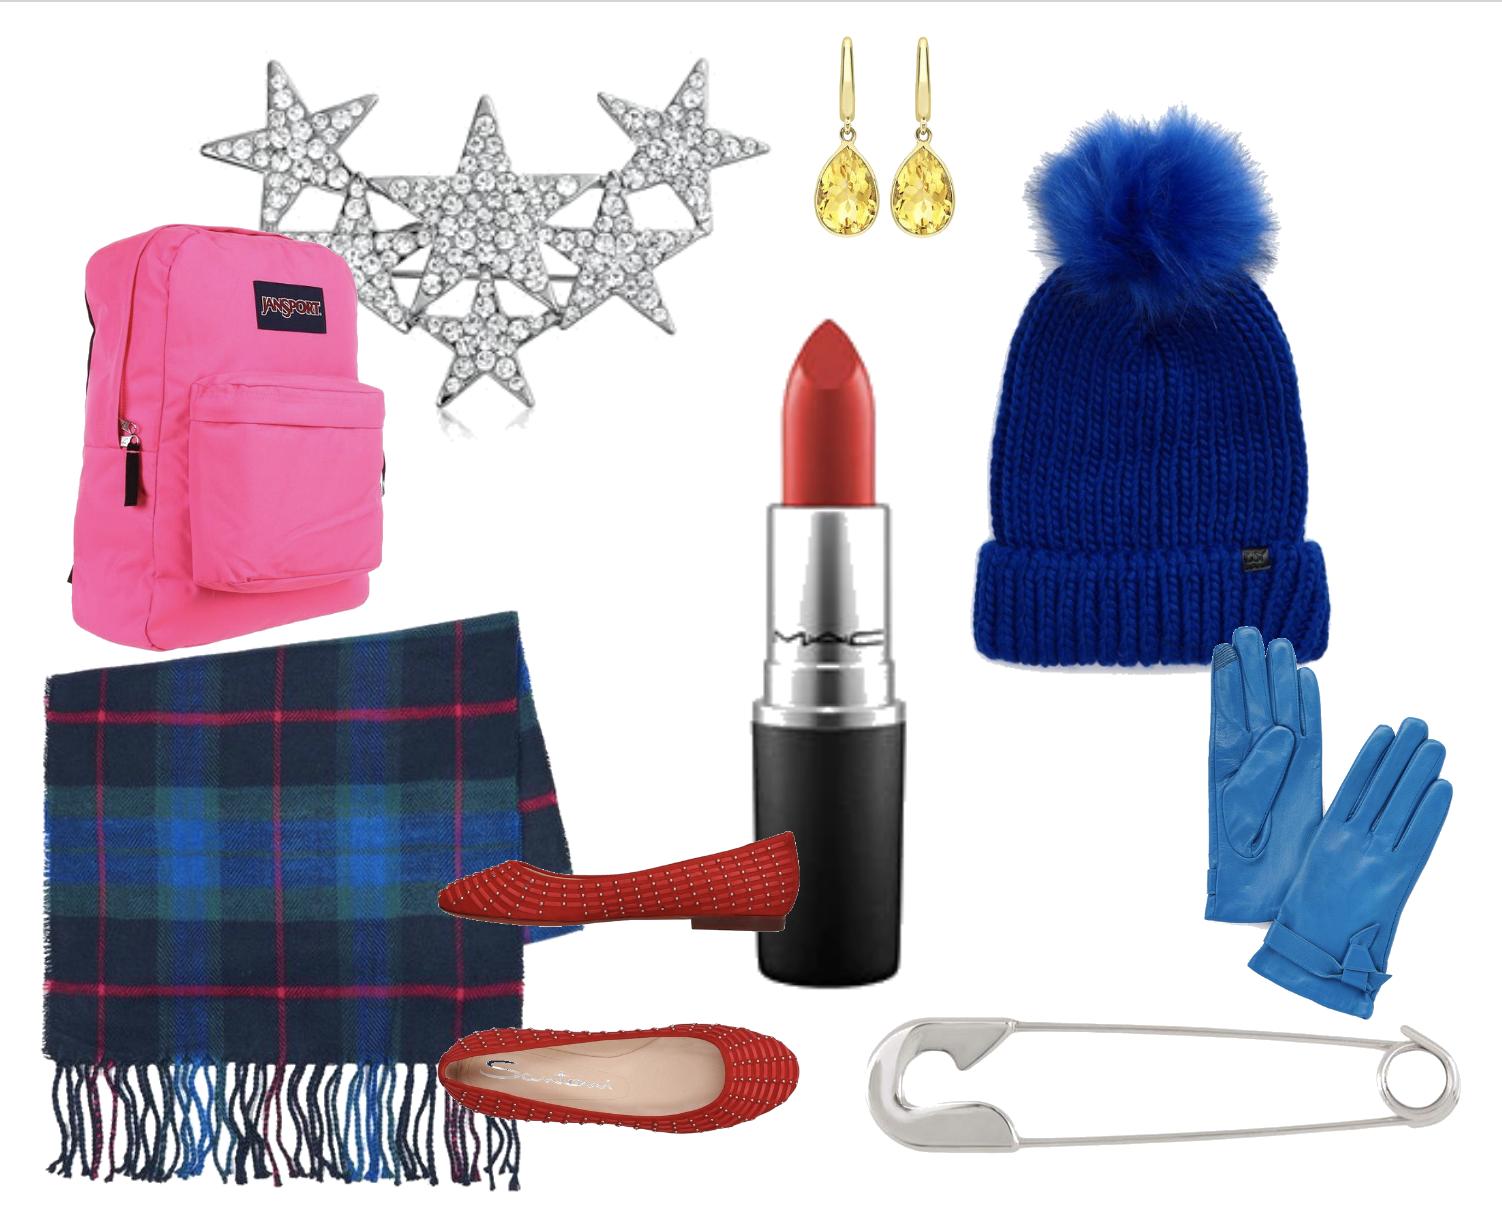 Bright Winter accessories